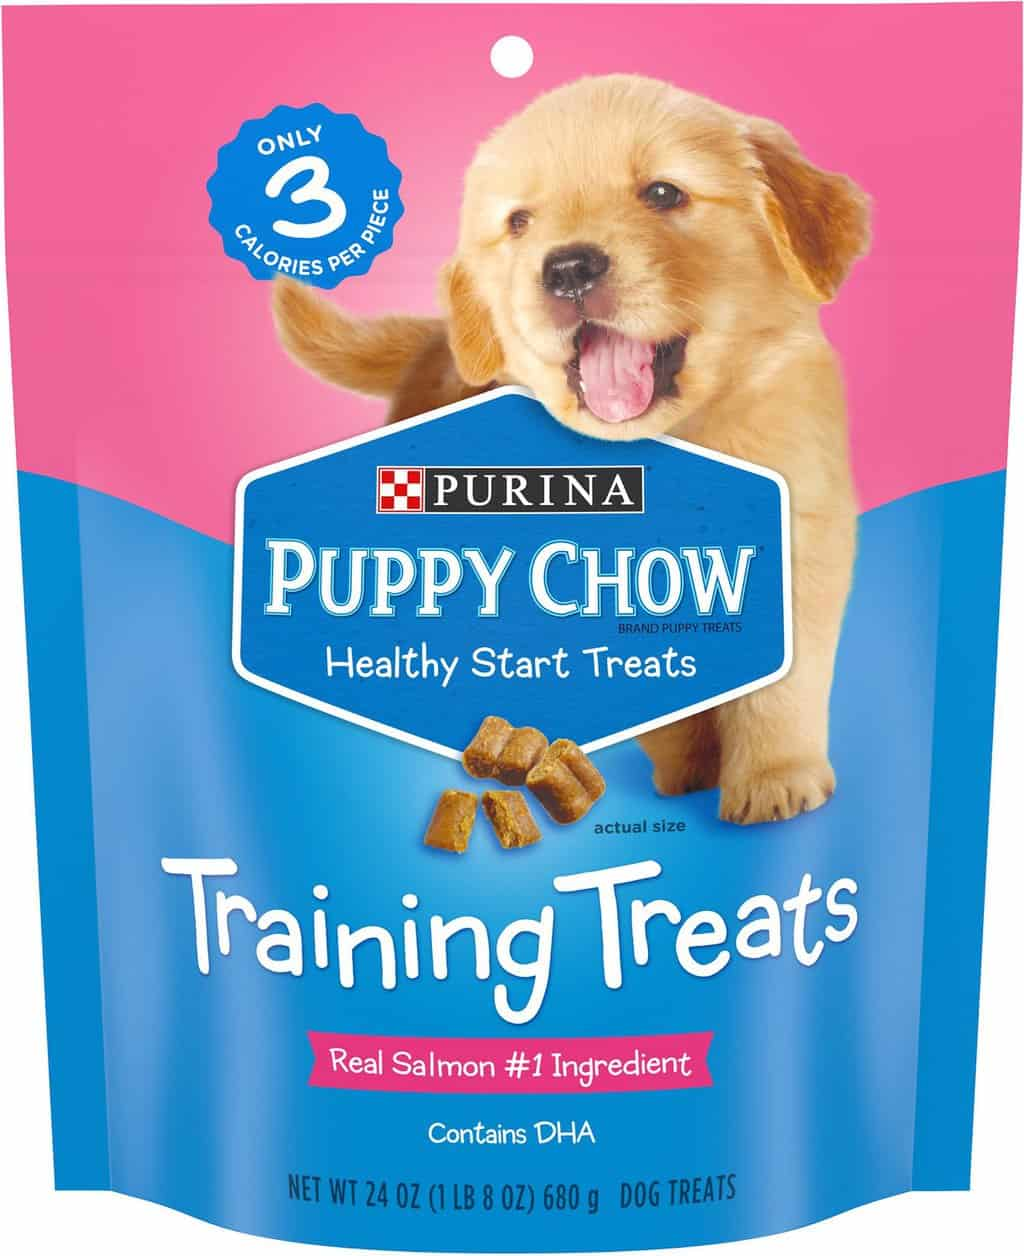 Purina Dog Chow Dog Food: 2020 Review, Recalls & Coupons 17